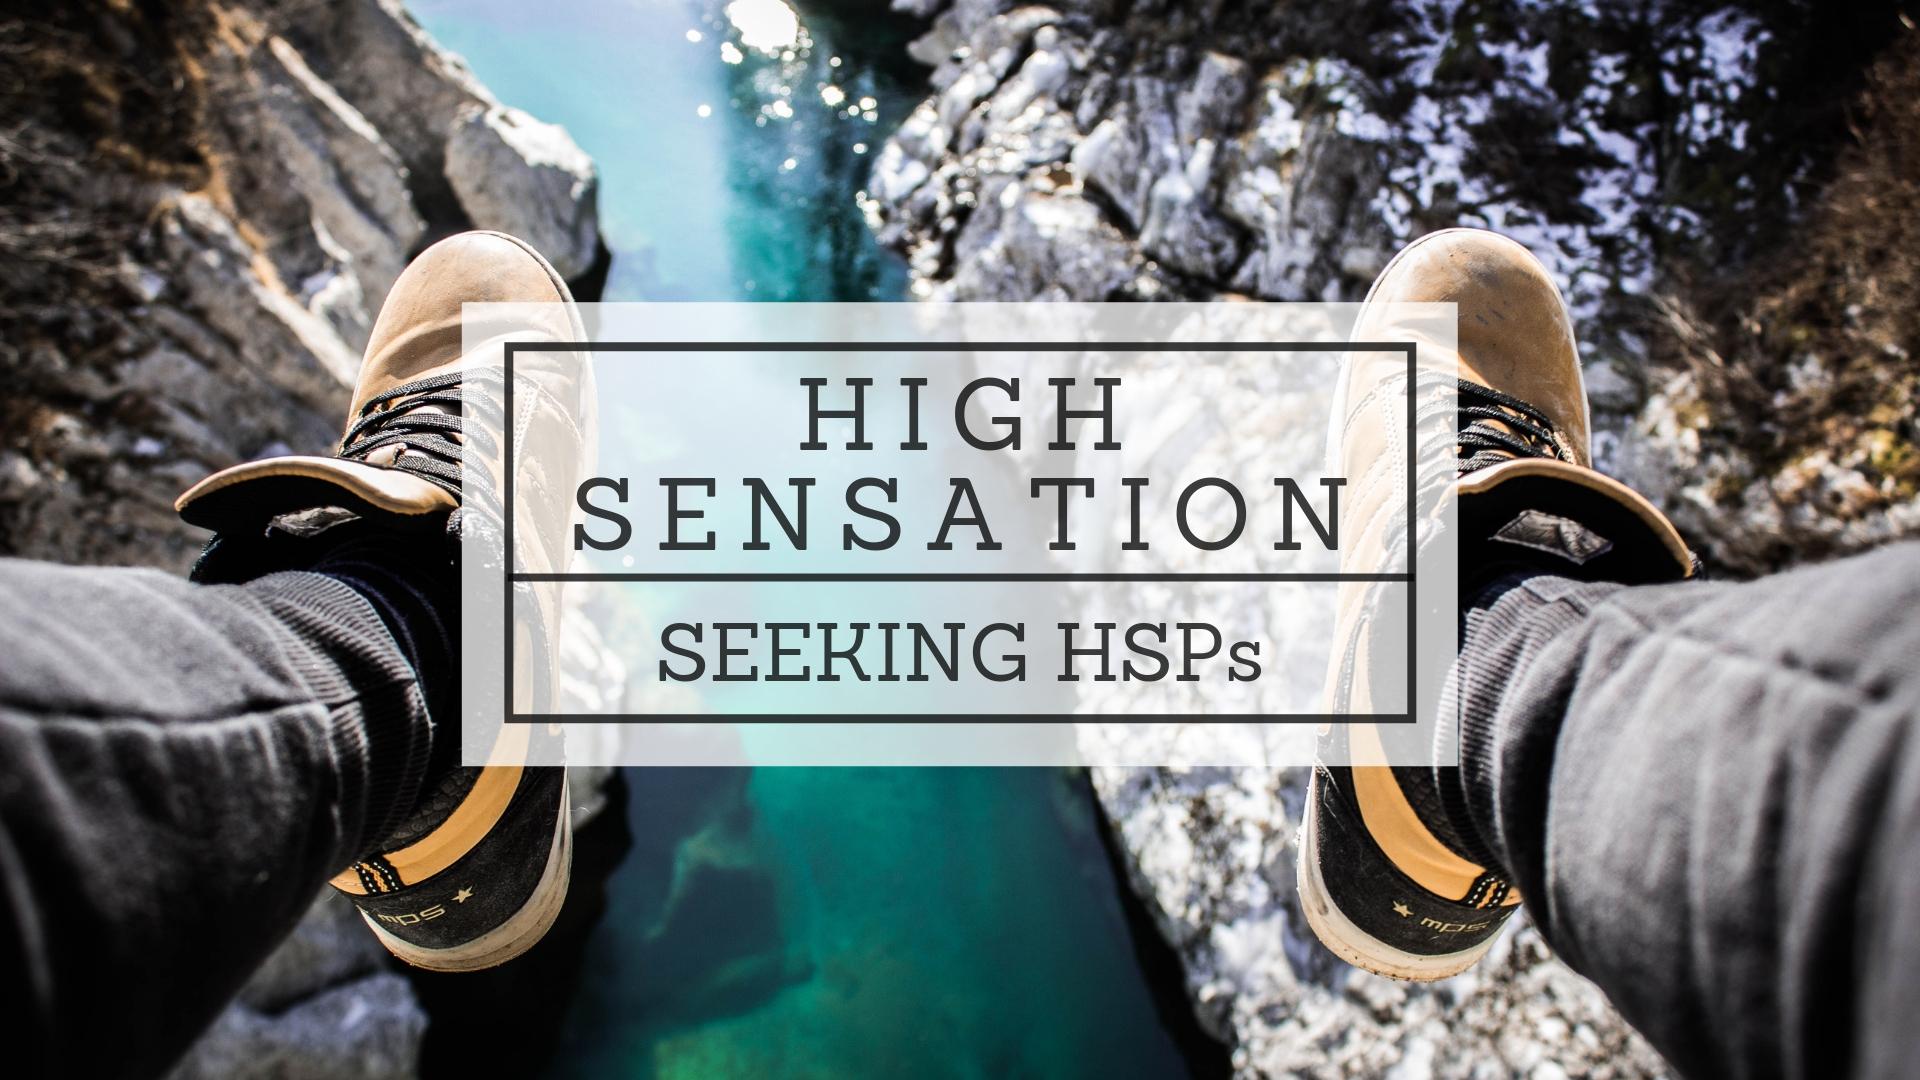 High Sensation Seeking HSPs.jpg